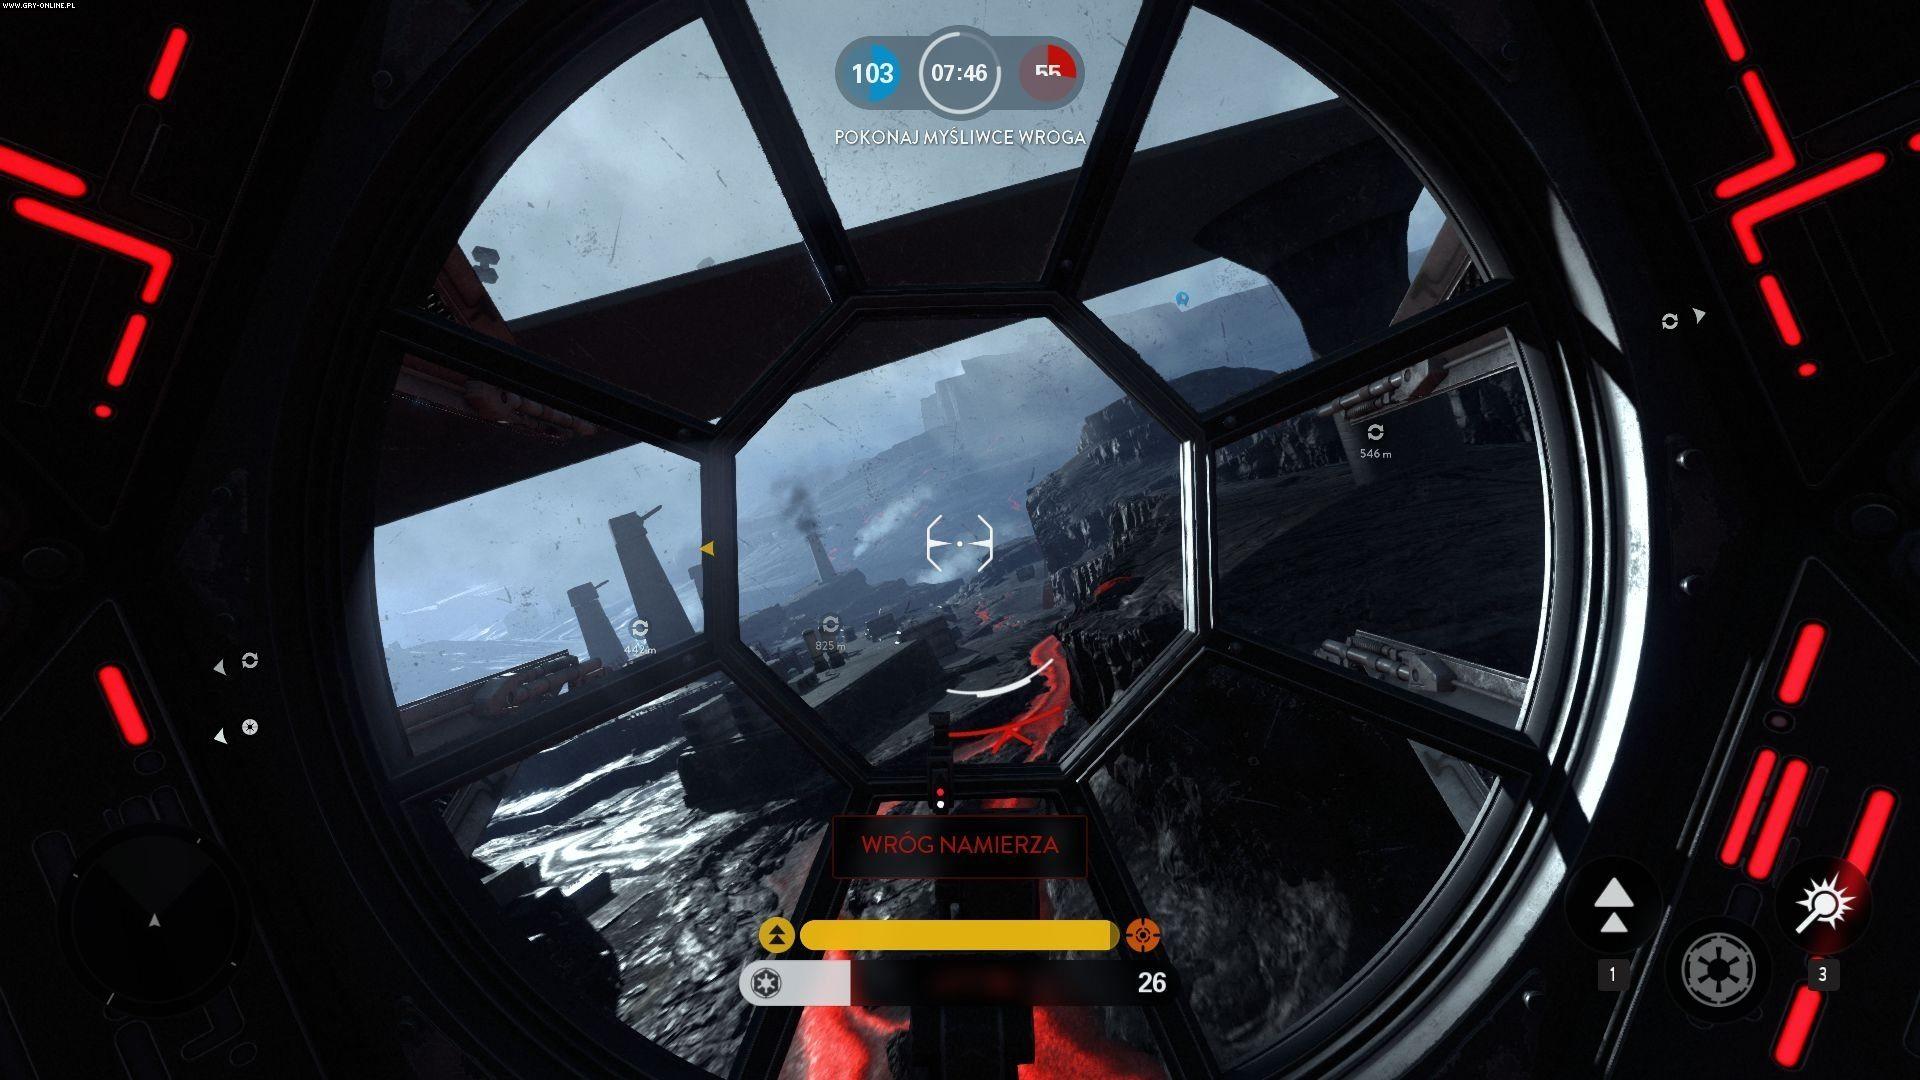 Star Wars Battlefront image #7